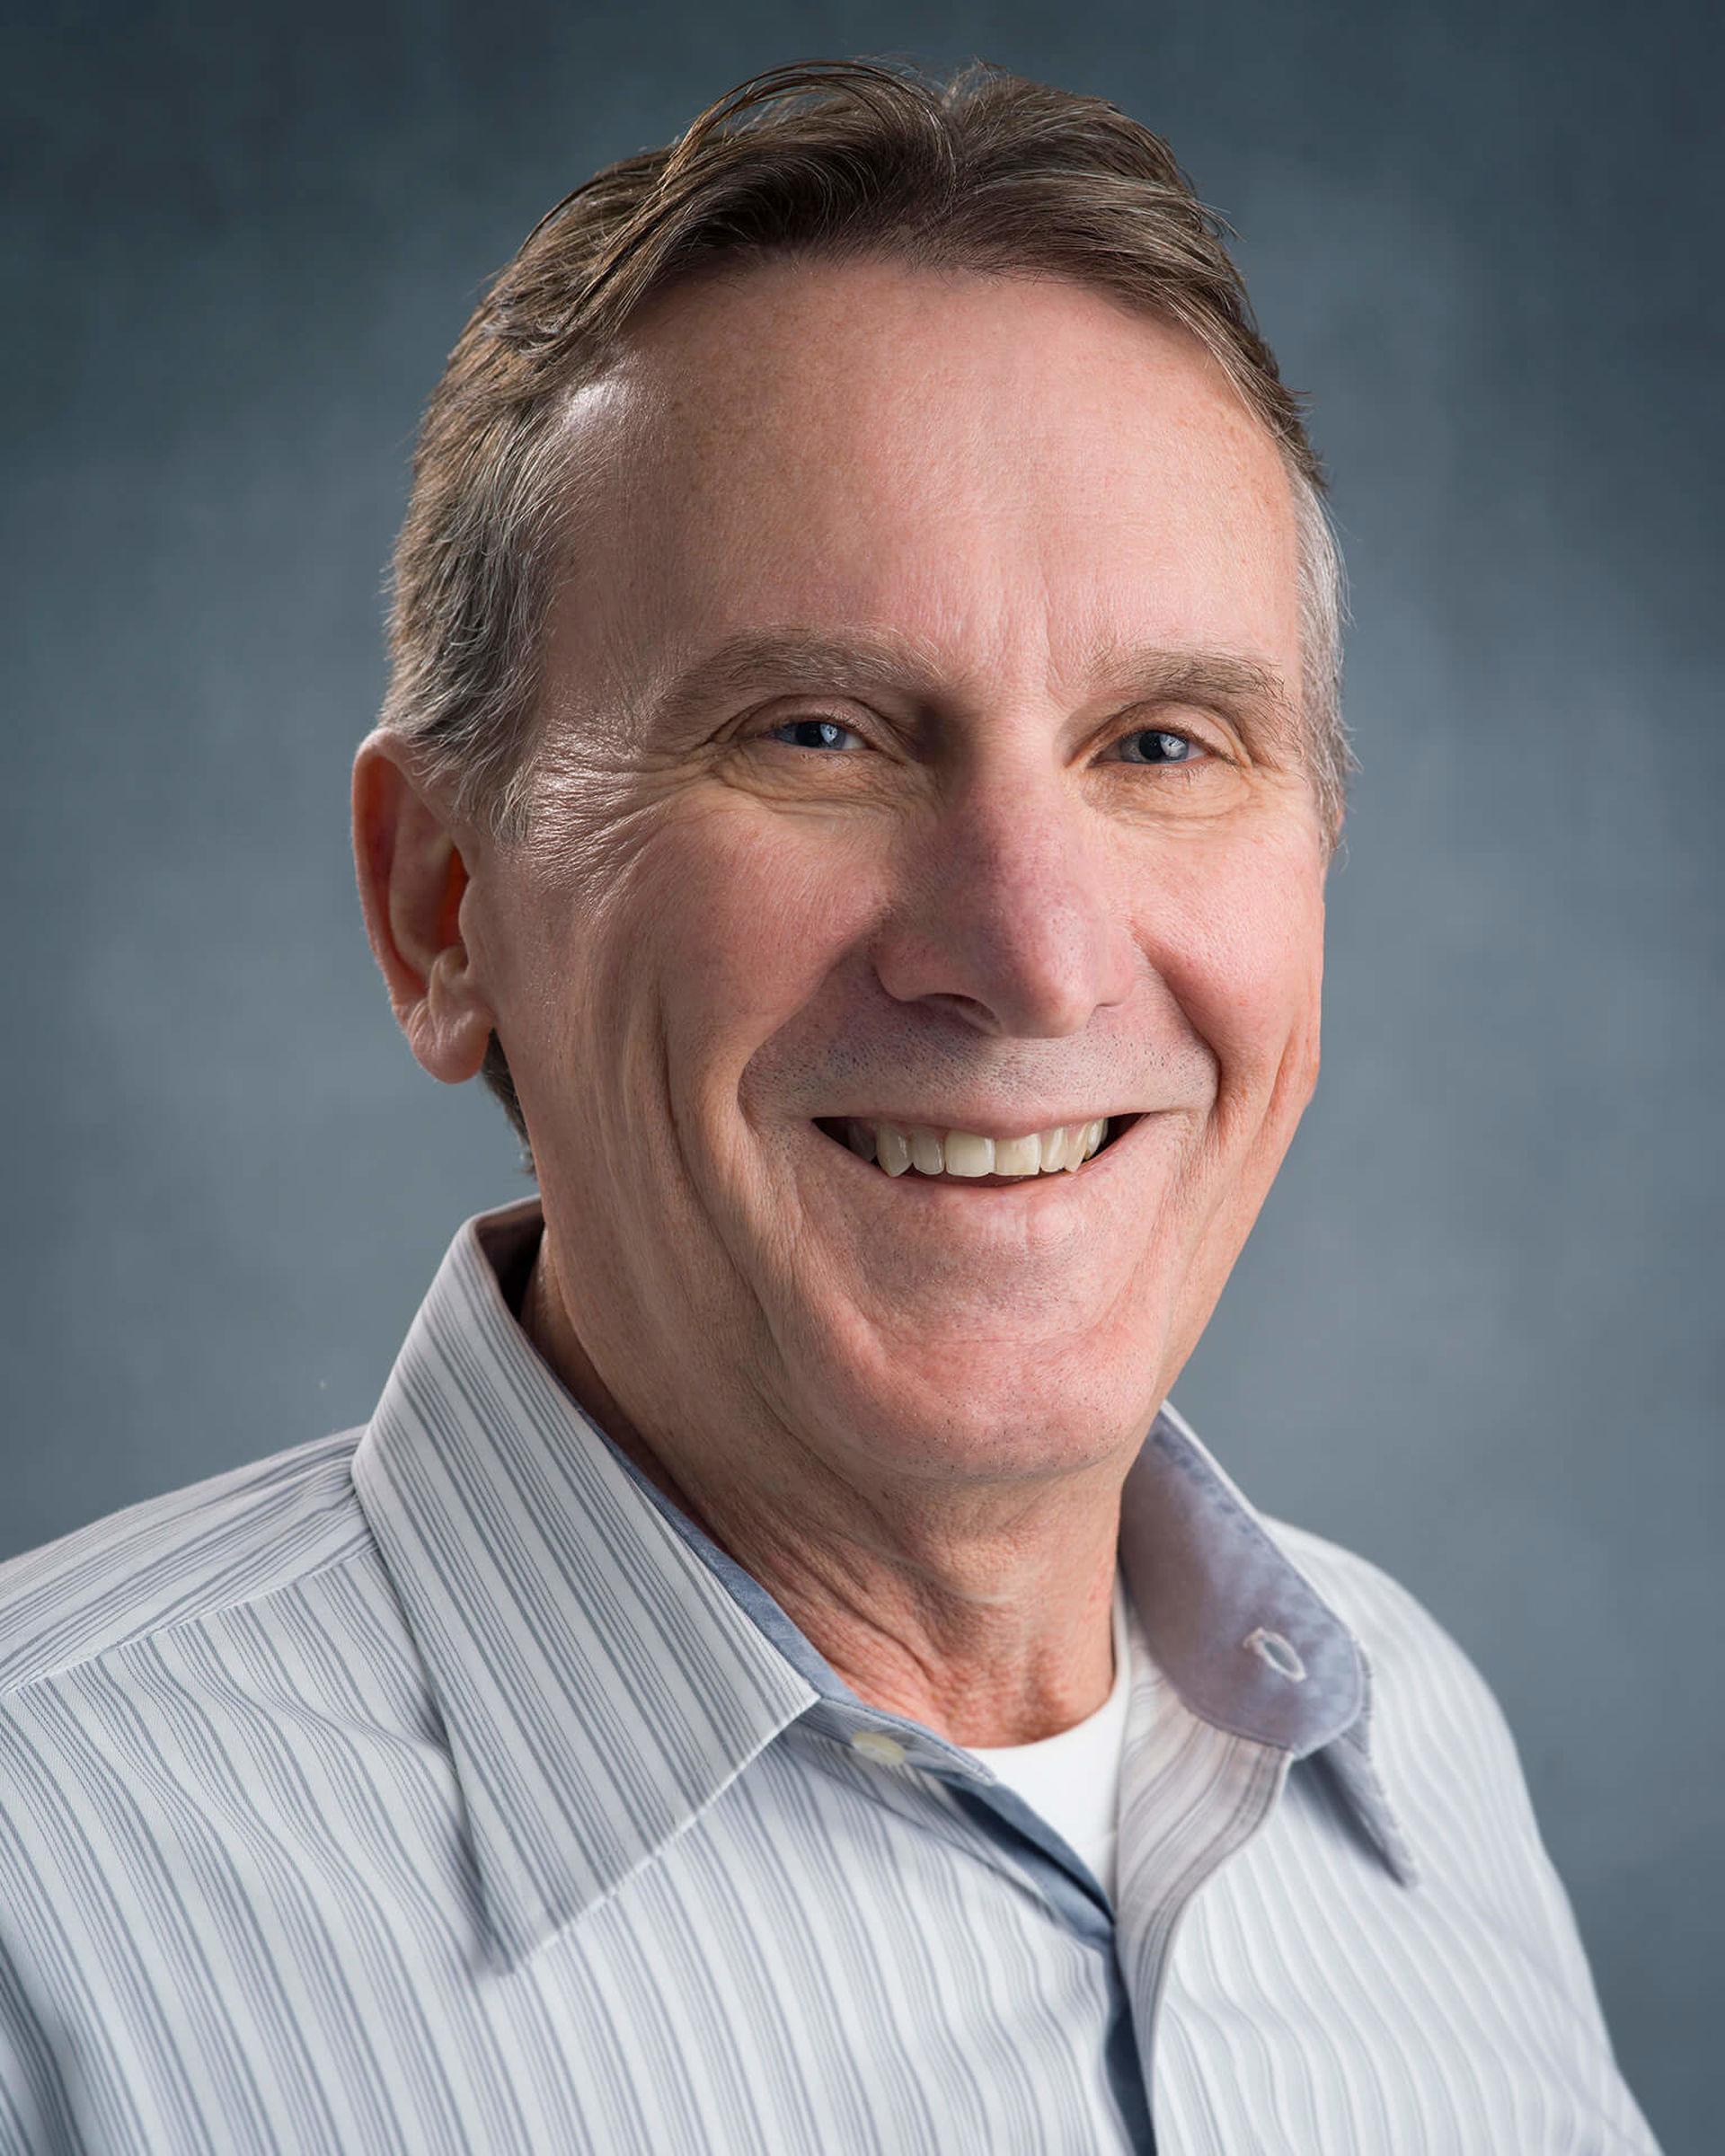 Dennis Kowalski Portrait